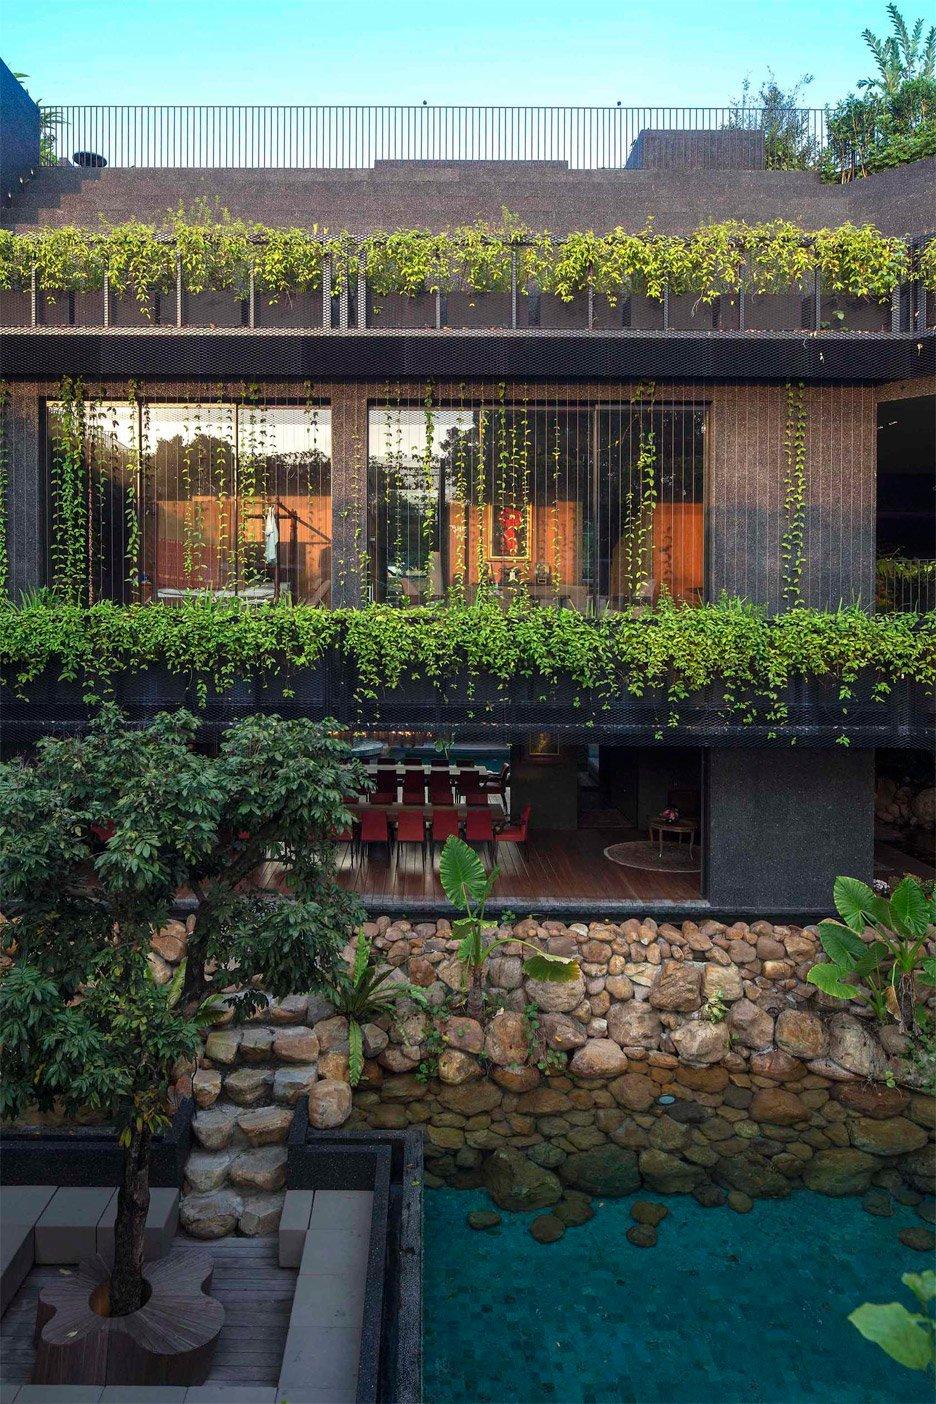 03-telhado-verde-escalonado-abraca-a-piscina-em-casa-em-cingapura